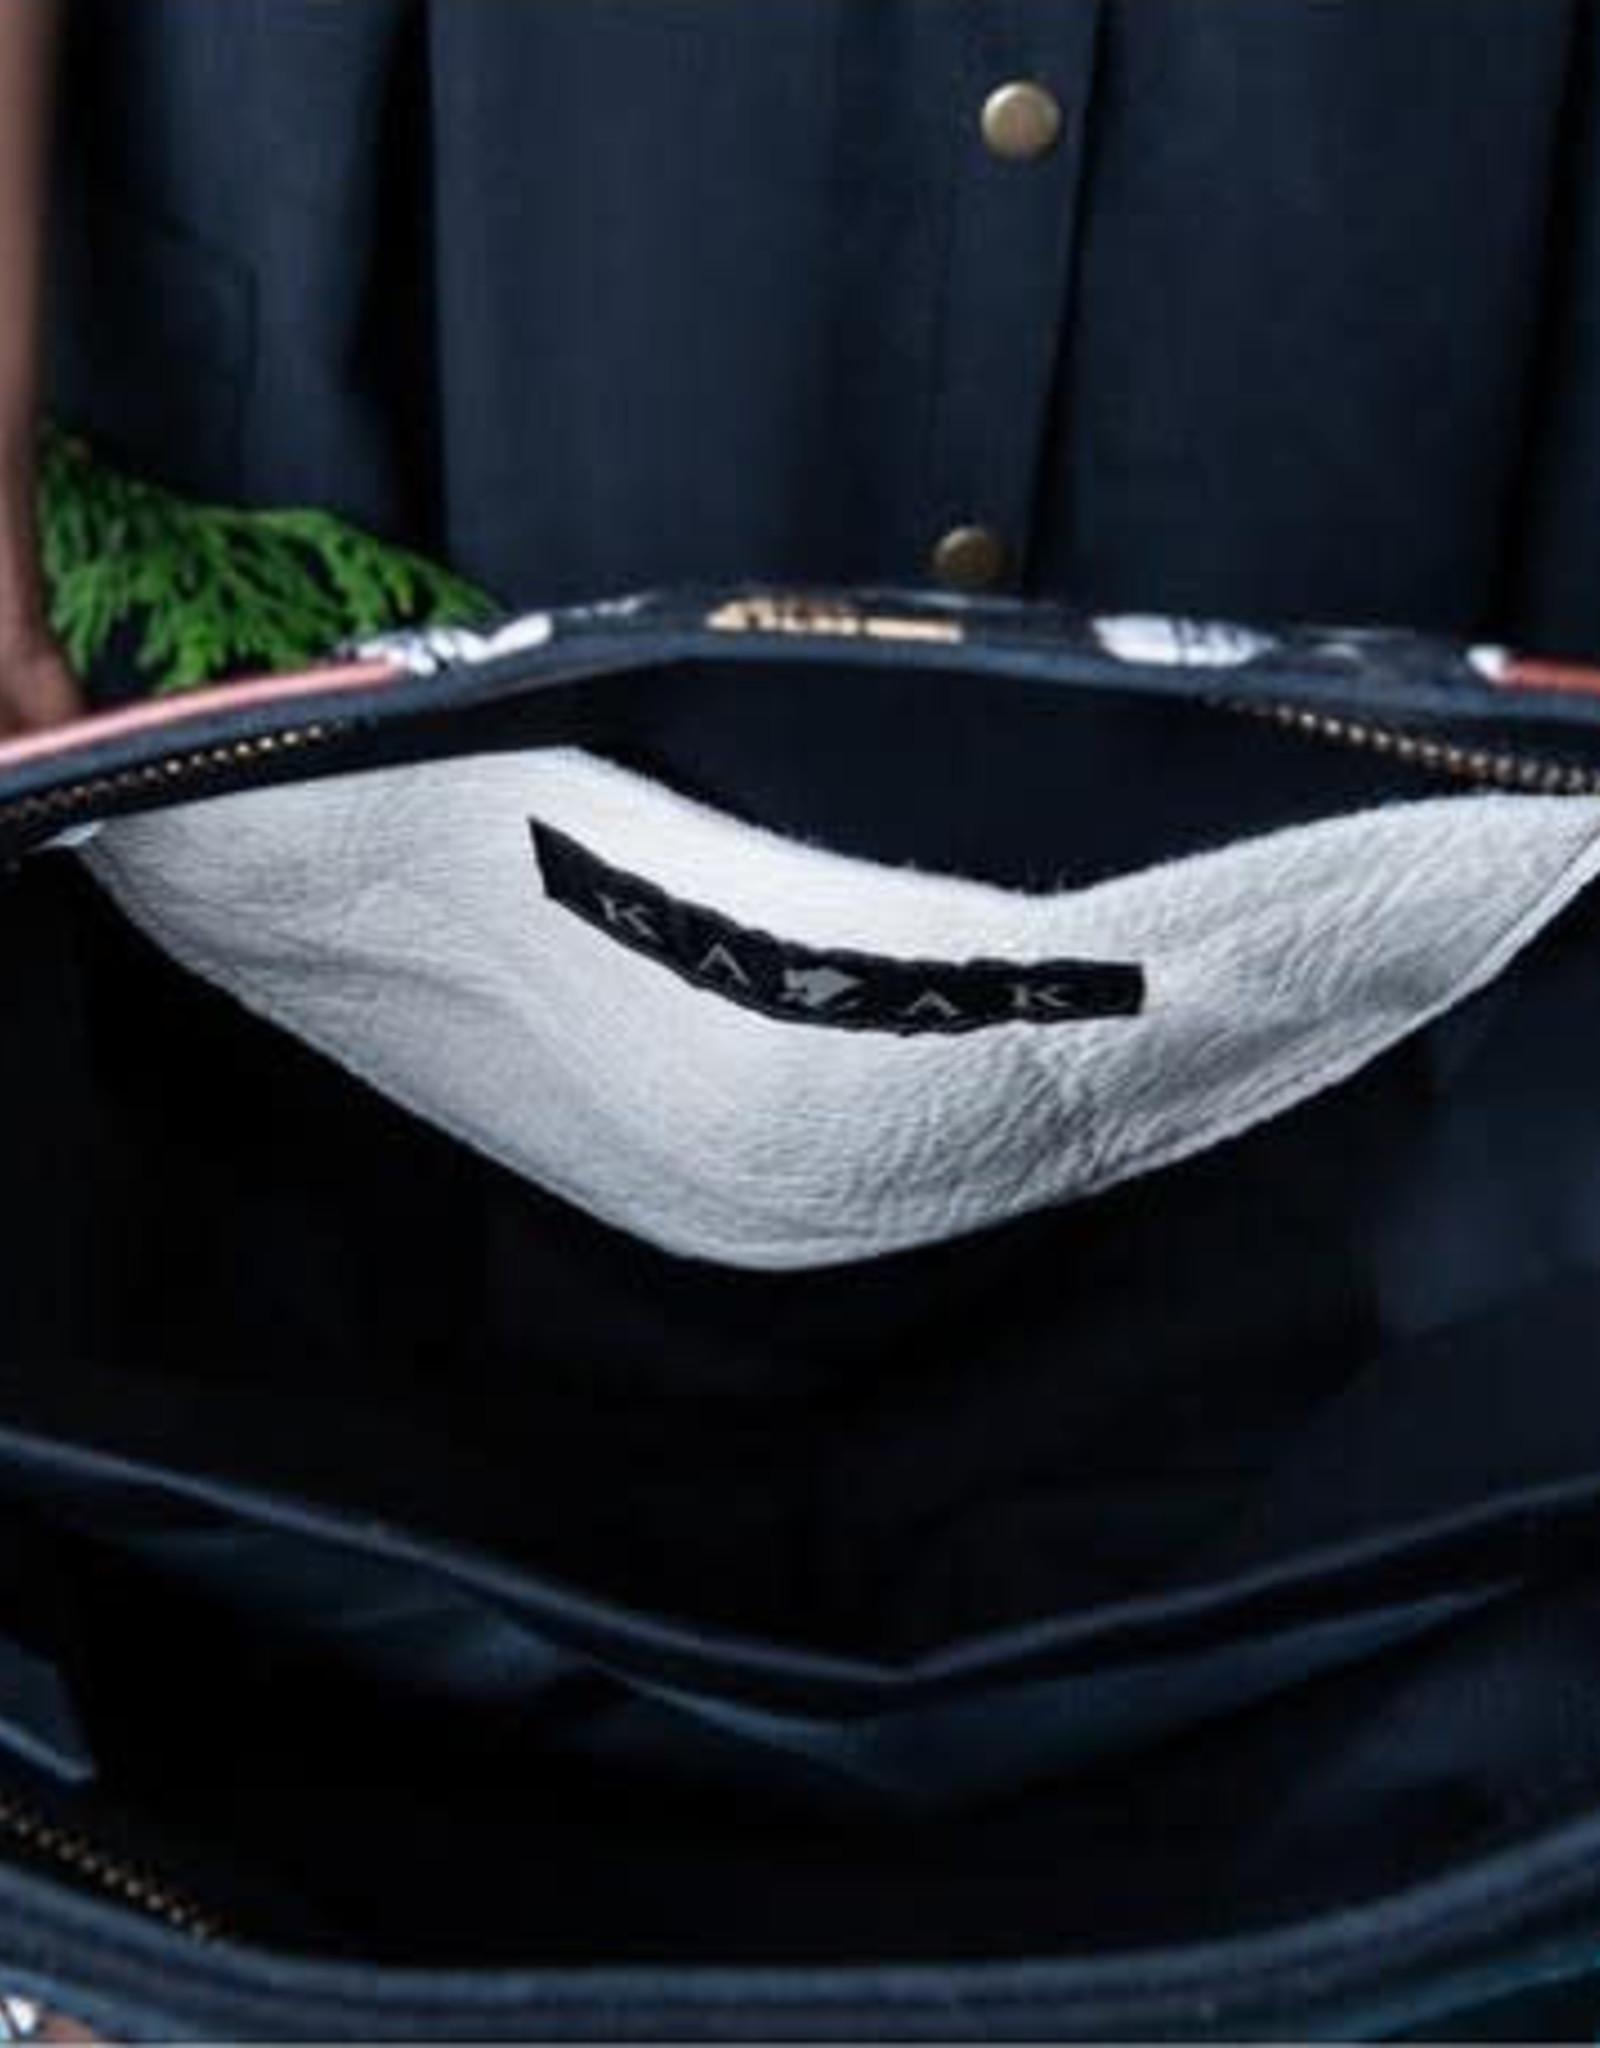 Kazak Sac Yupik Kazak Tissu Bogolan terracotta/ Cuir noir